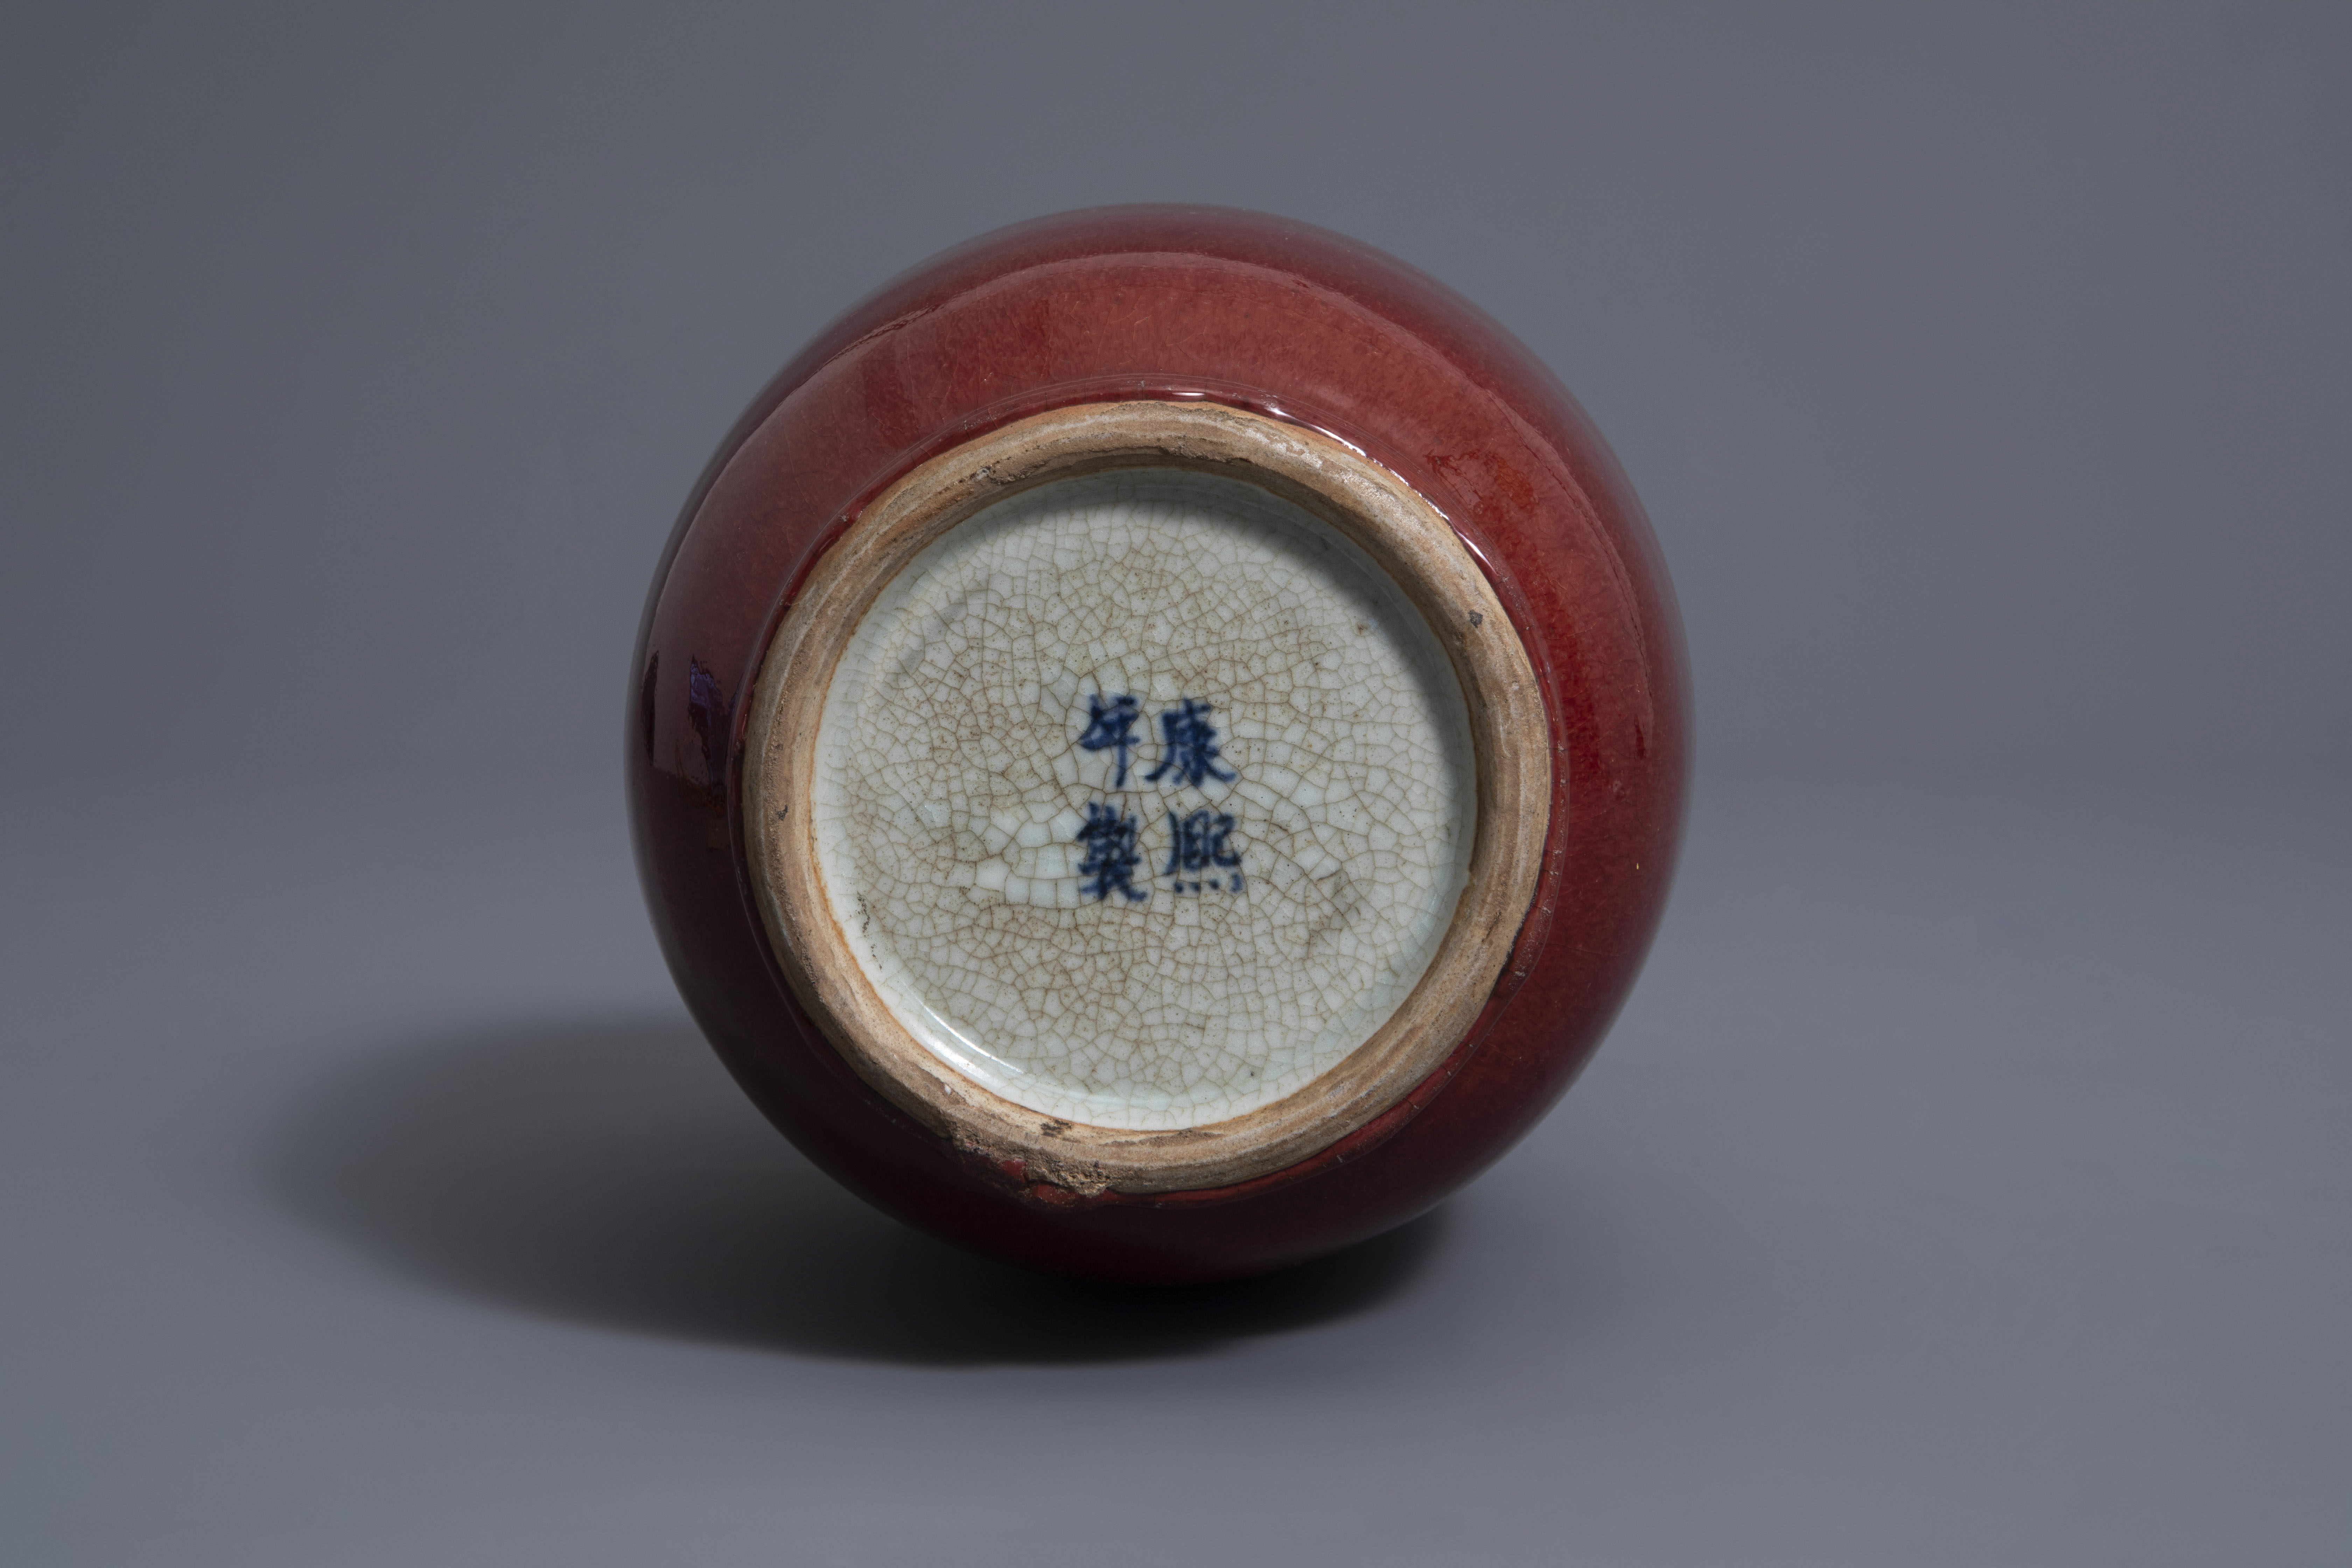 A Chinese sang de boeuf glazed bottle vase, Kangxi mark, 19th C. - Image 7 of 7